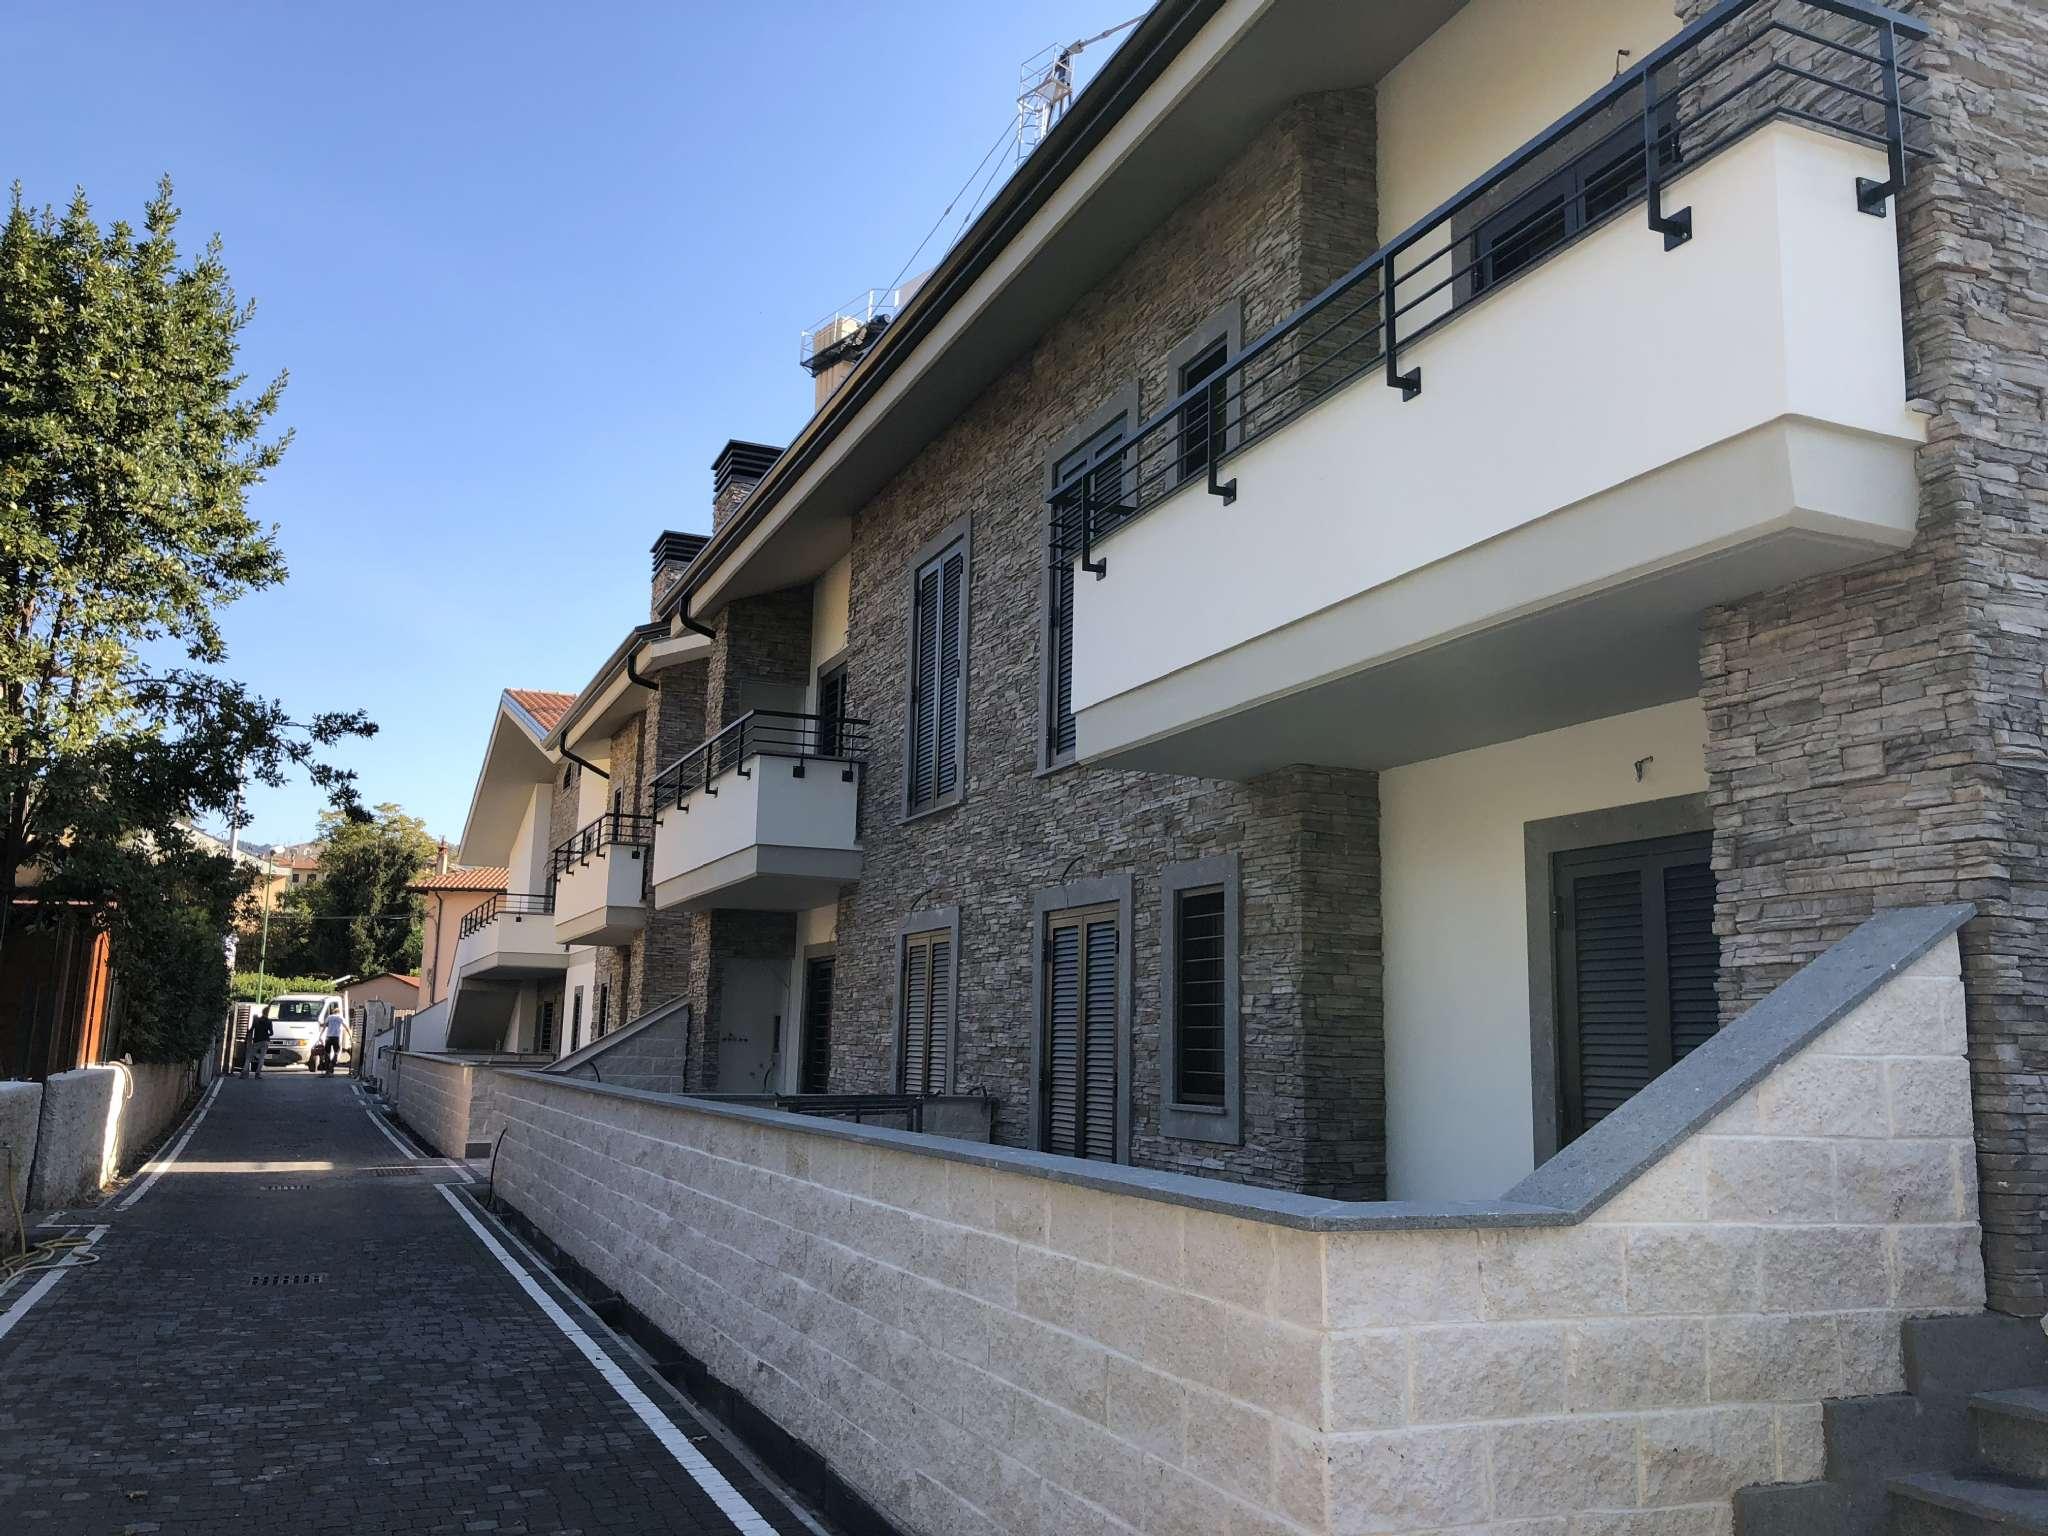 Appartamento in vendita a Grottaferrata, 3 locali, prezzo € 247.000 | CambioCasa.it